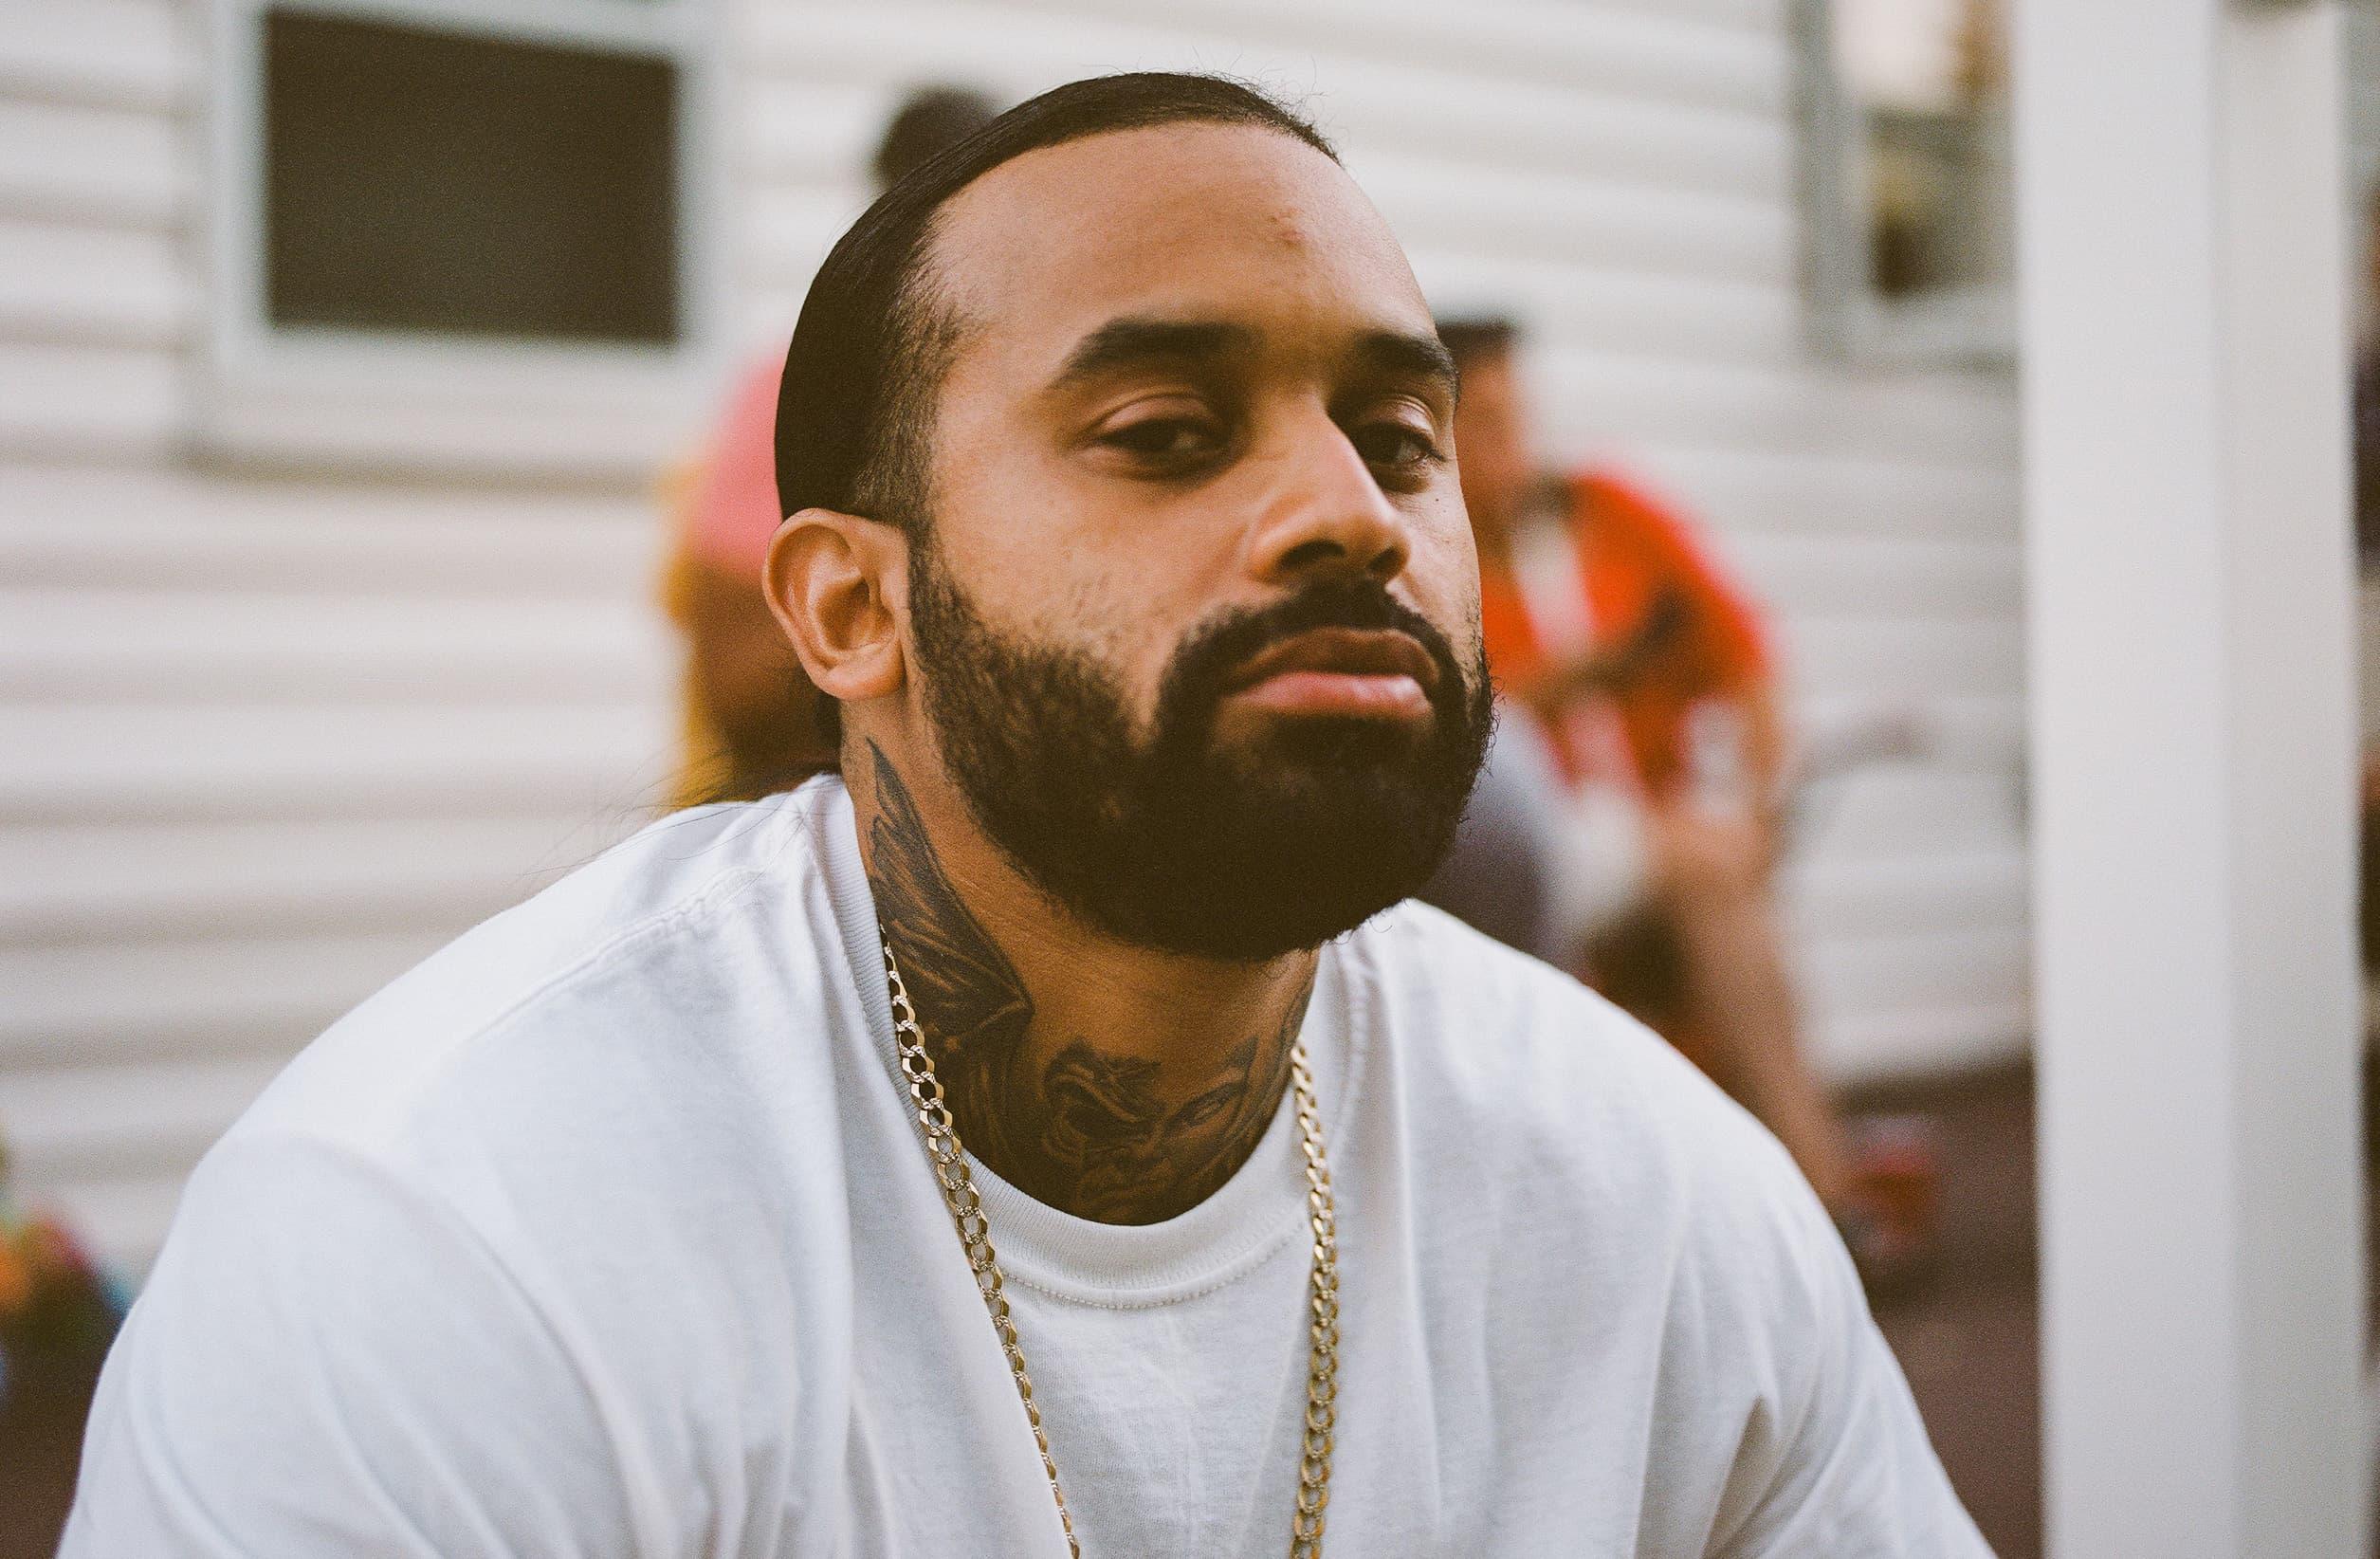 Dorchester rapper BoriRock. (Courtesy Bilindoff Joseph)